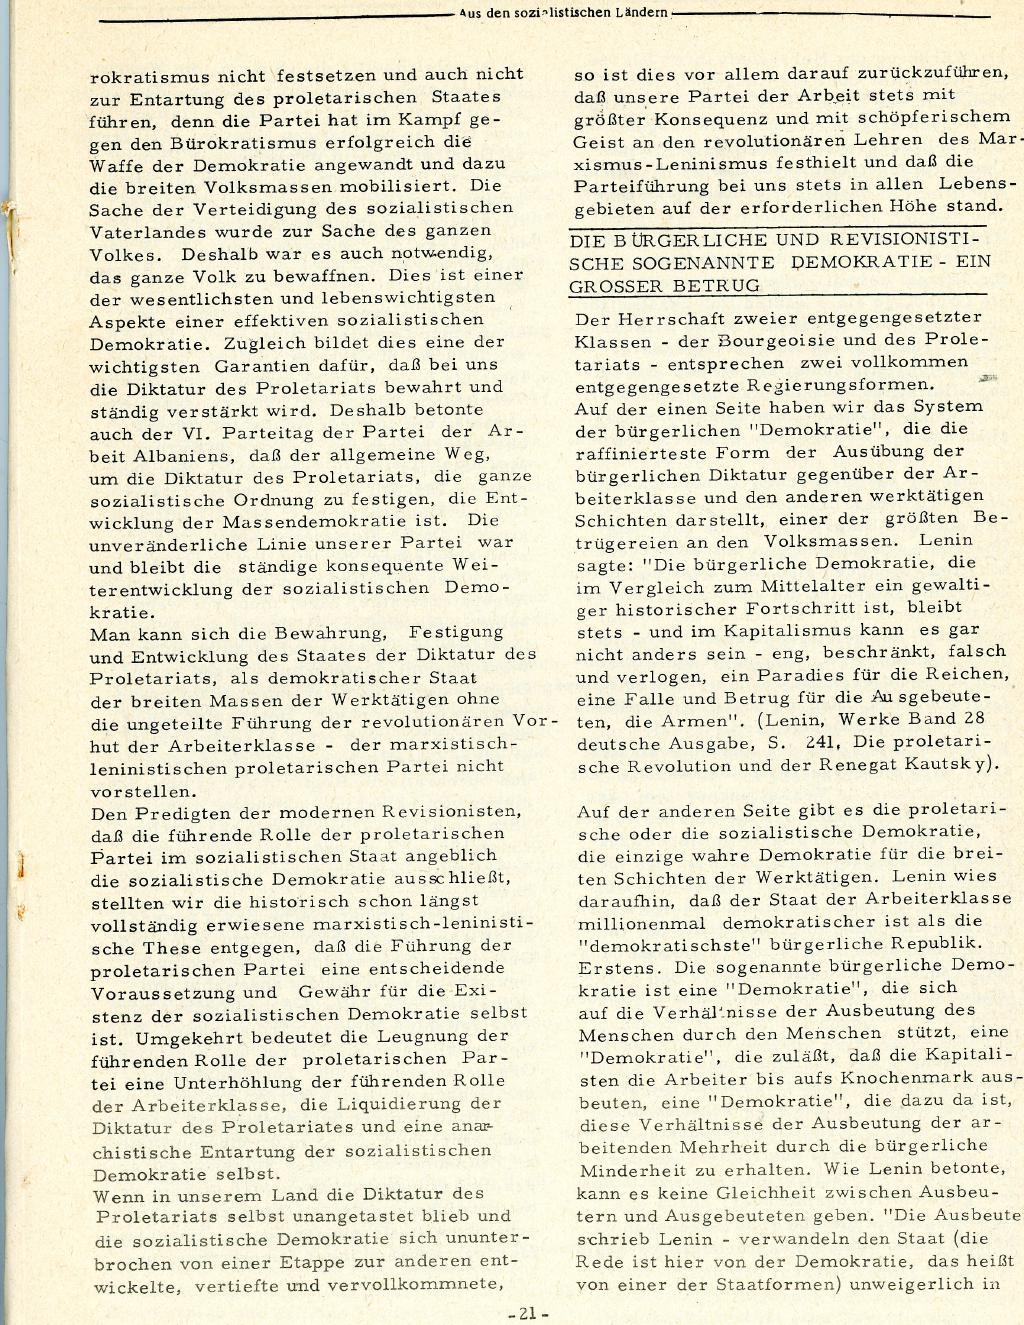 RPK_1974_09_10_21